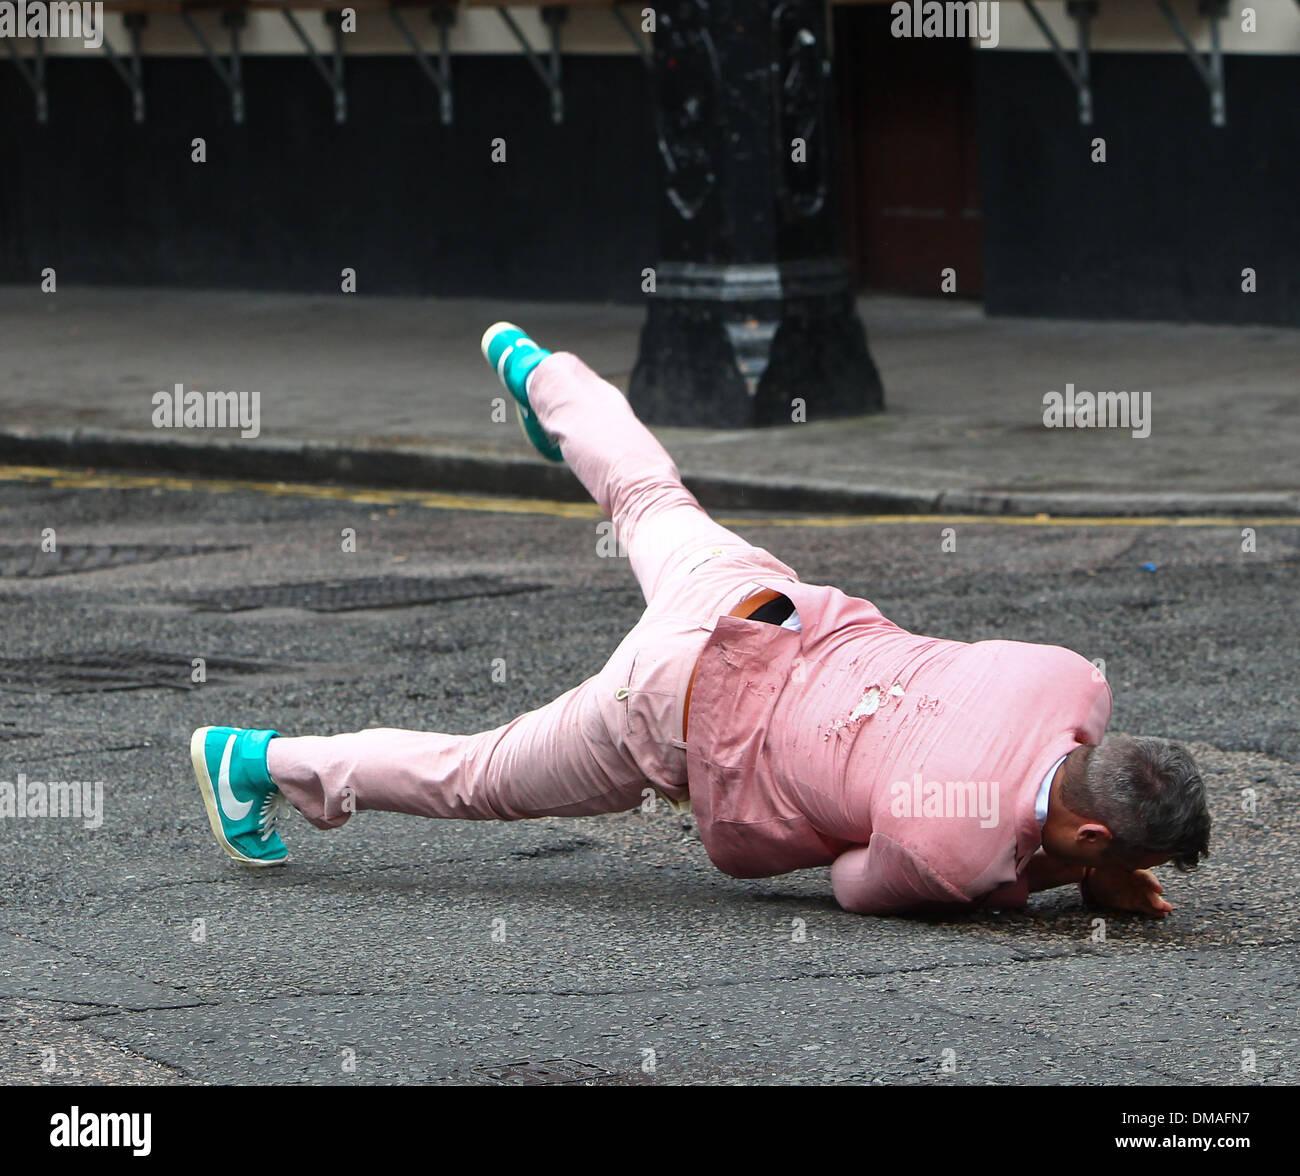 Y Realiza Breakdance Rutina Robbie Una Williams En De Traje Rosa Un 8nw0POk